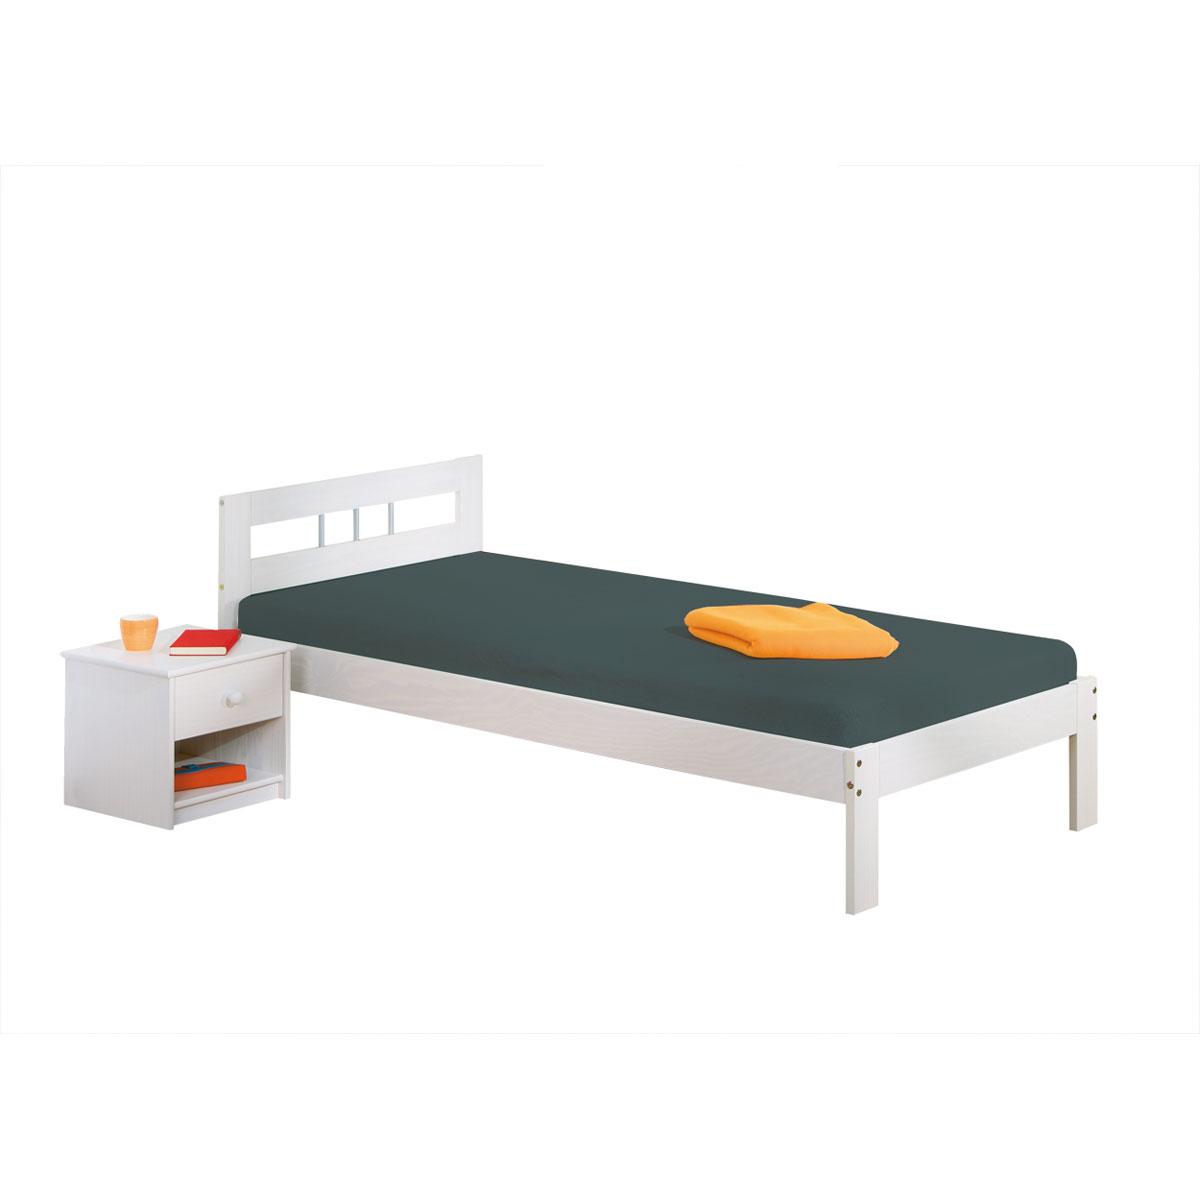 Full Size of Kiefer Bett 90x200 Preisvergleich Besten Angebote Online Kaufen Wohnzimmer Interlink Funktionscouch Lotar